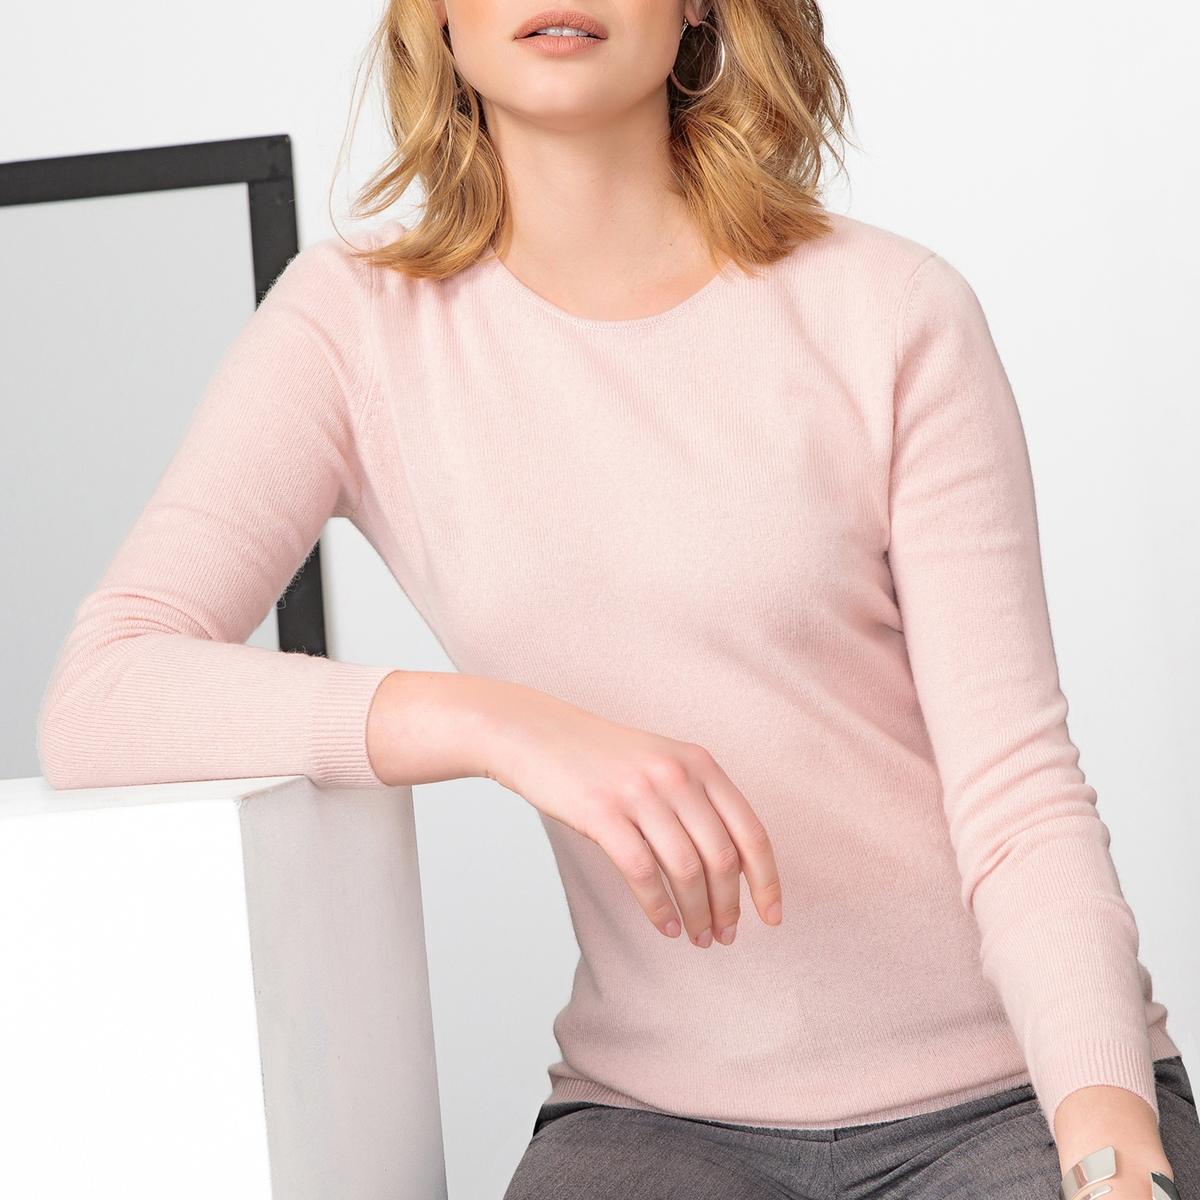 Imagen principal de producto de Jersey de cuello redondo, 100% cachemir - Anne weyburn